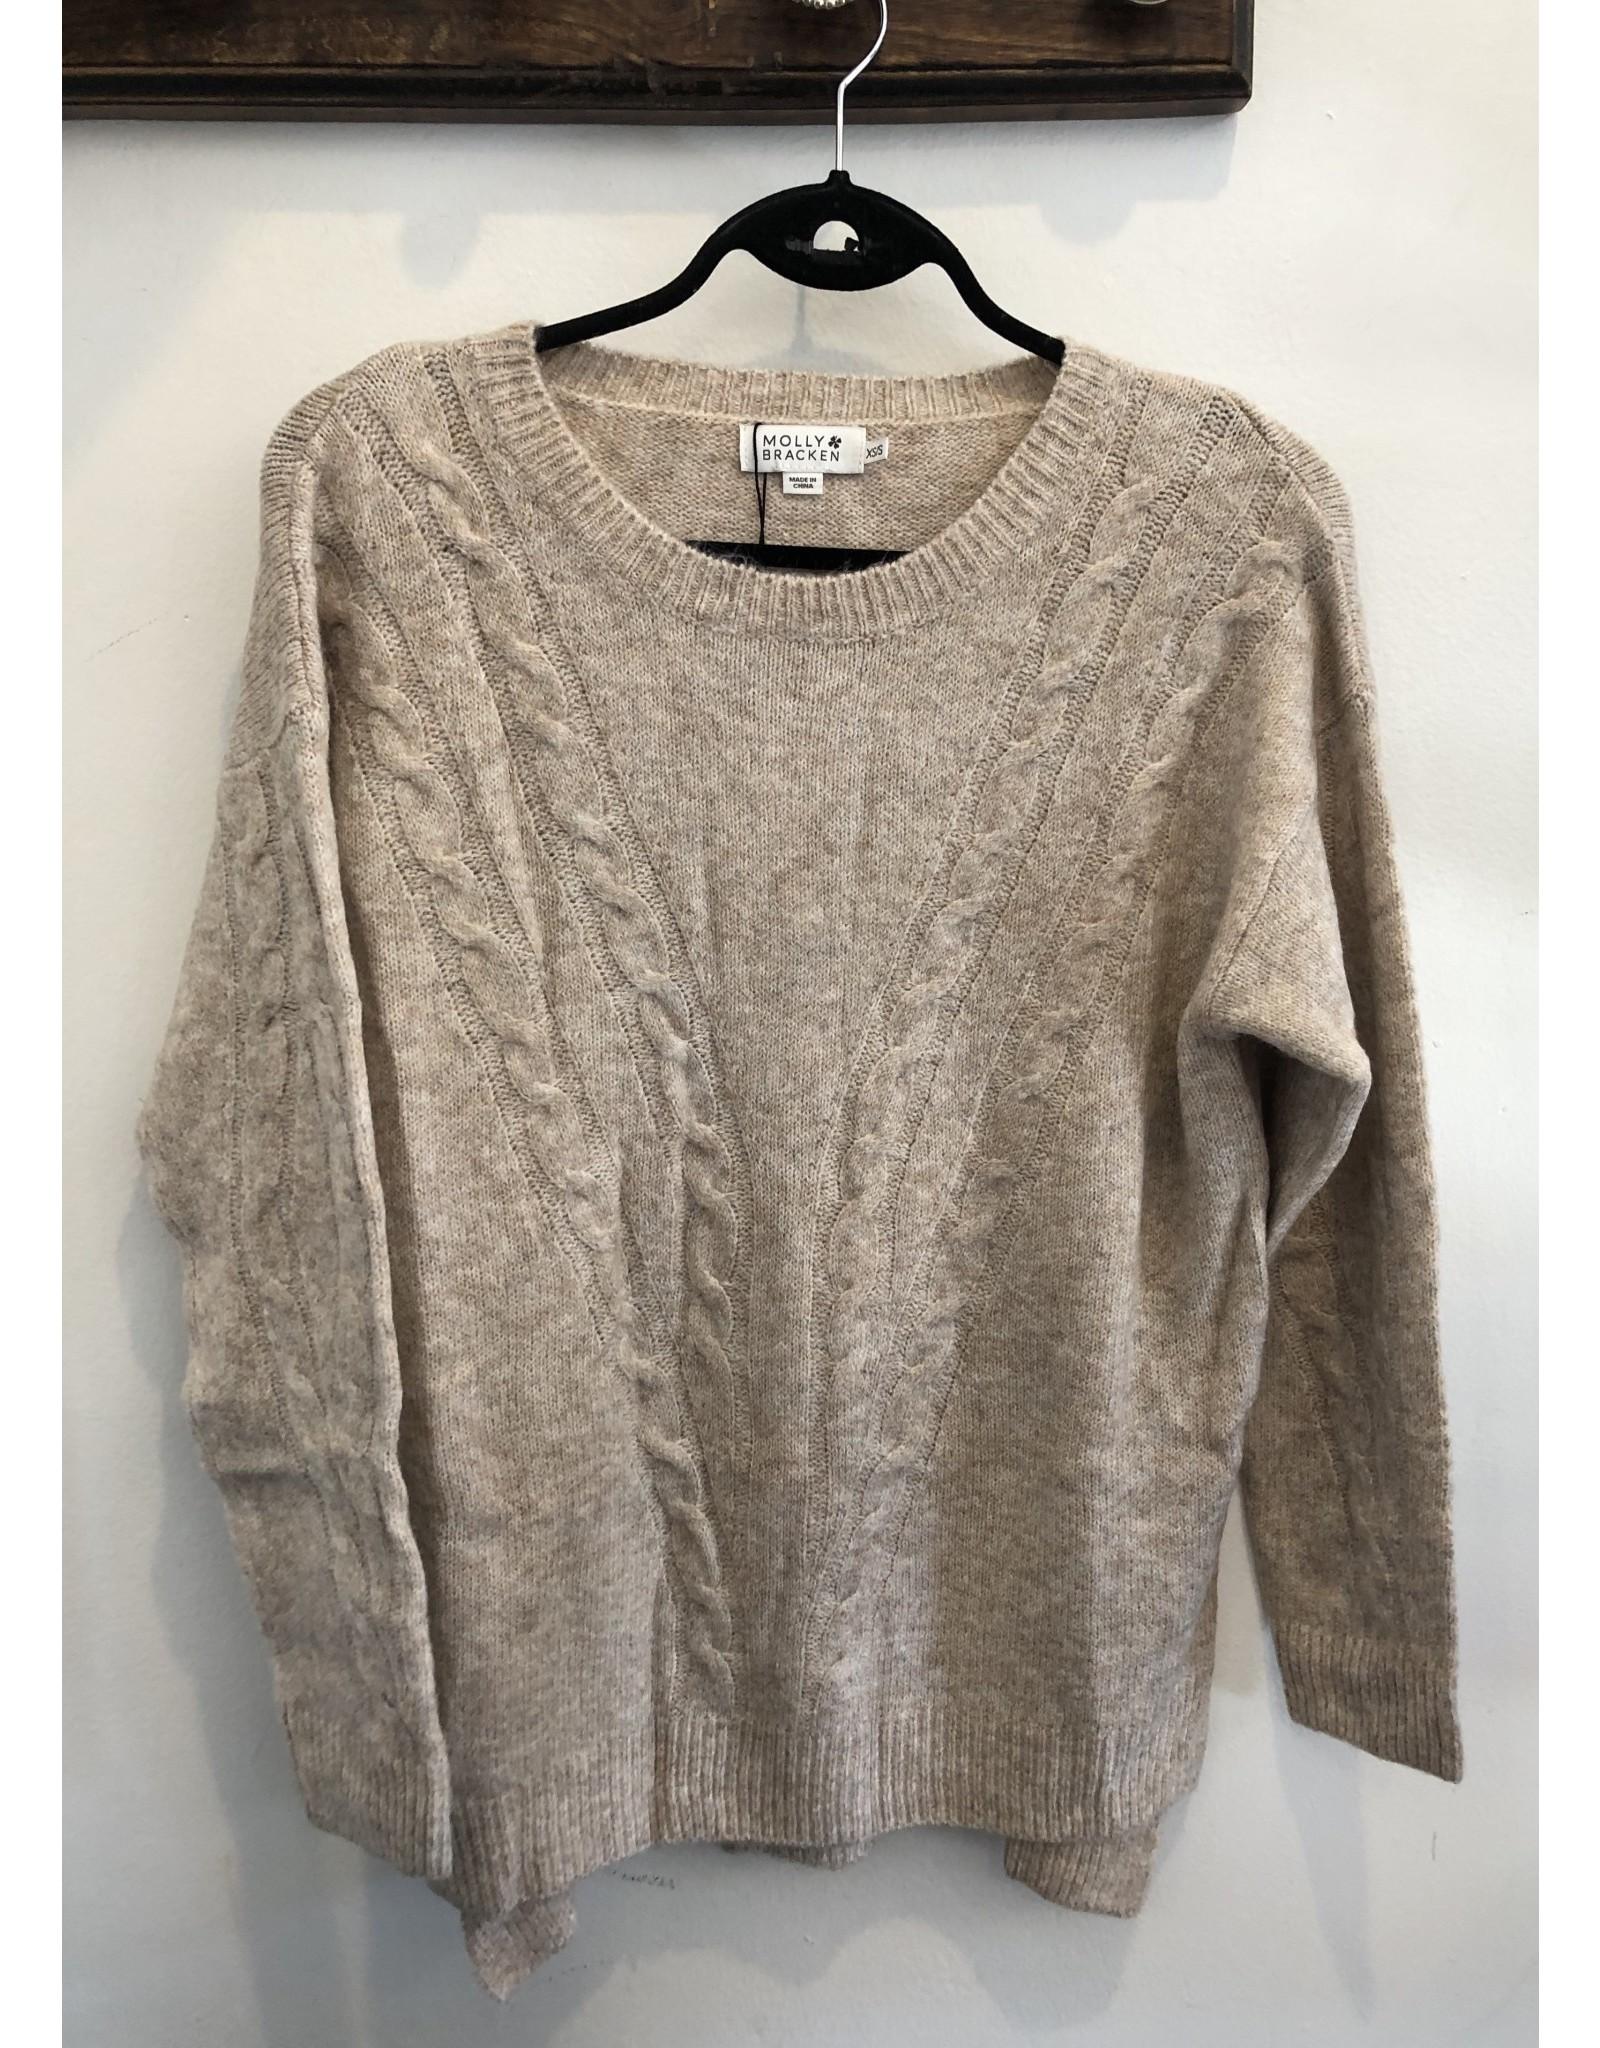 Molly Bracken Molly Bracken - Knit sweater (beige)